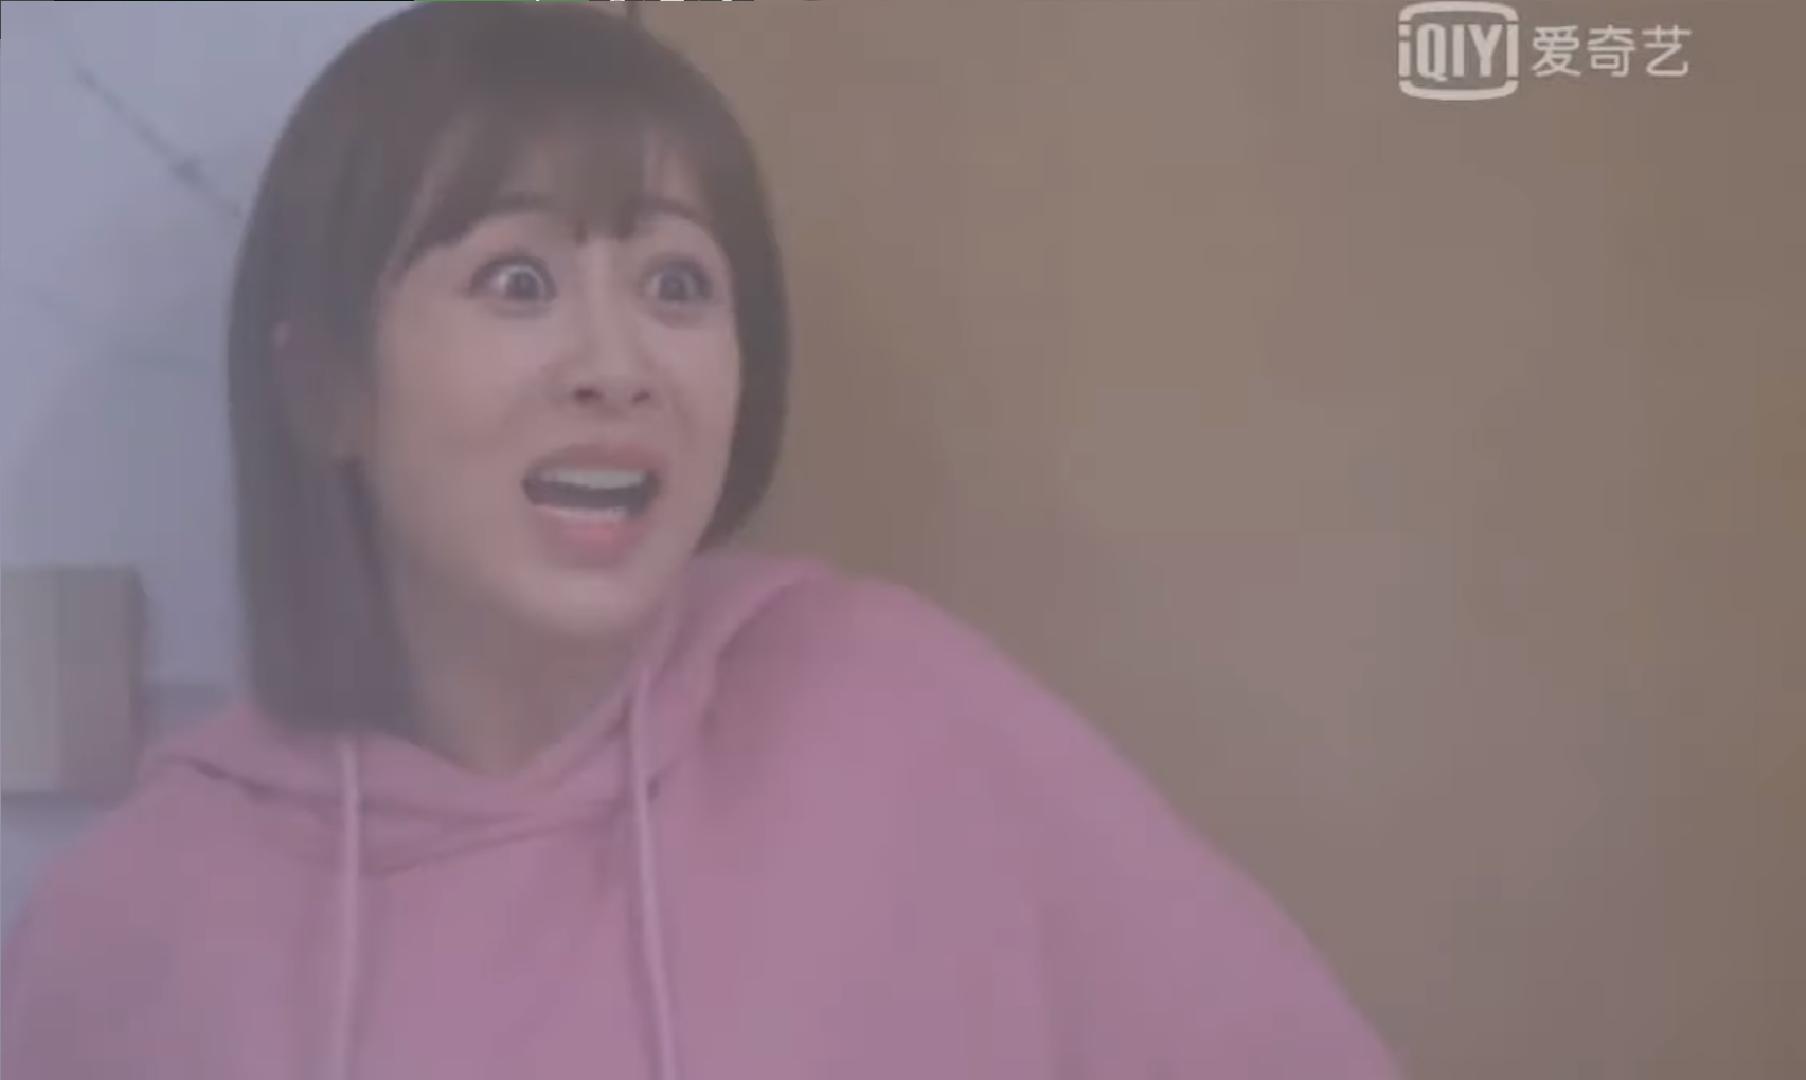 'Chàng trai Mặc Cách Ly của tôi' tung trailer hài hước, Dương Tử - Mã Thiên Vũ đẹp đôi 3